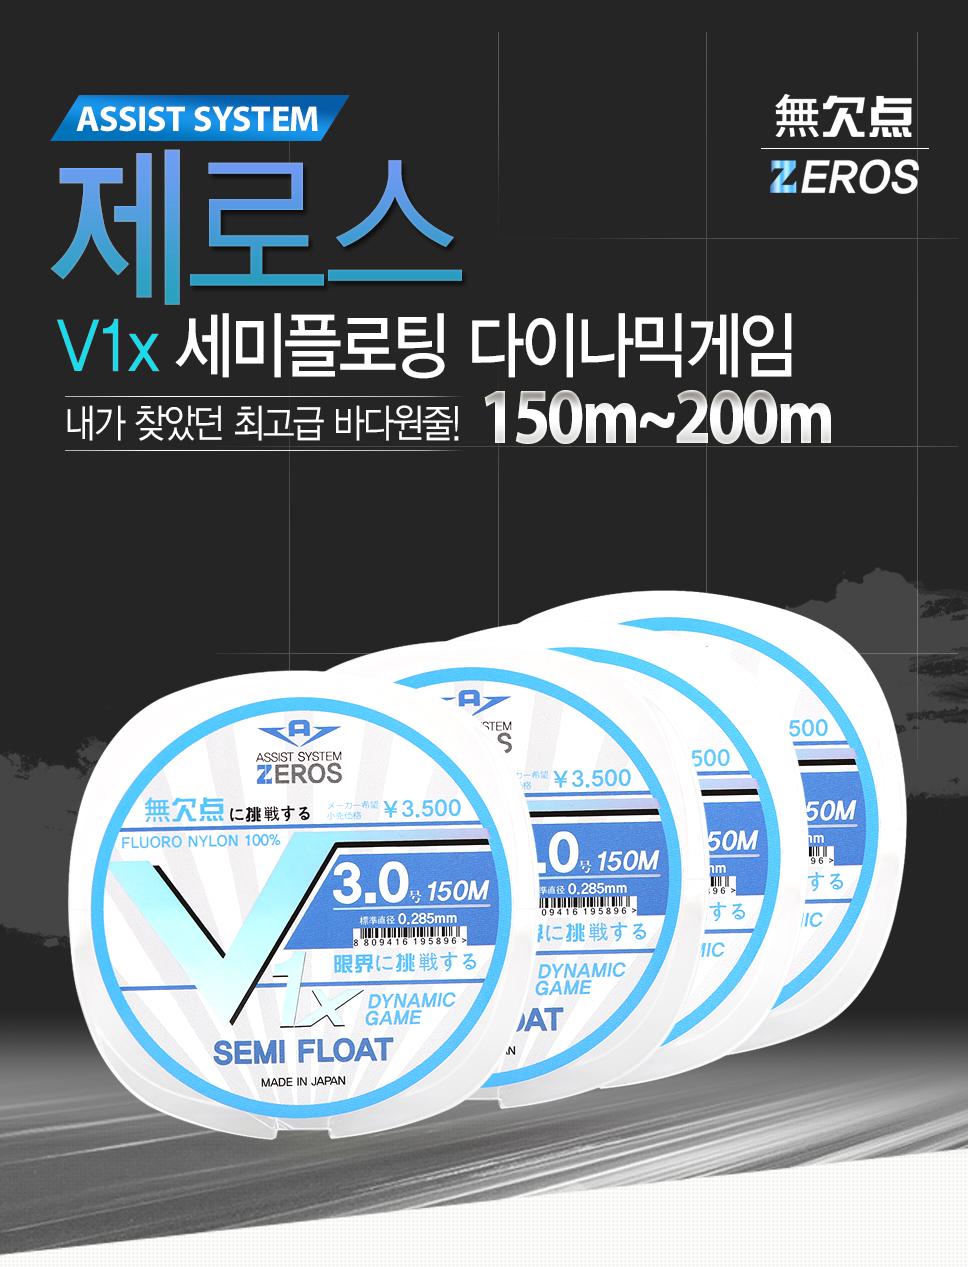 제로스(ZEROS) V1x 세미플로팅 다이나믹게임 (바다원줄 150m~200m)